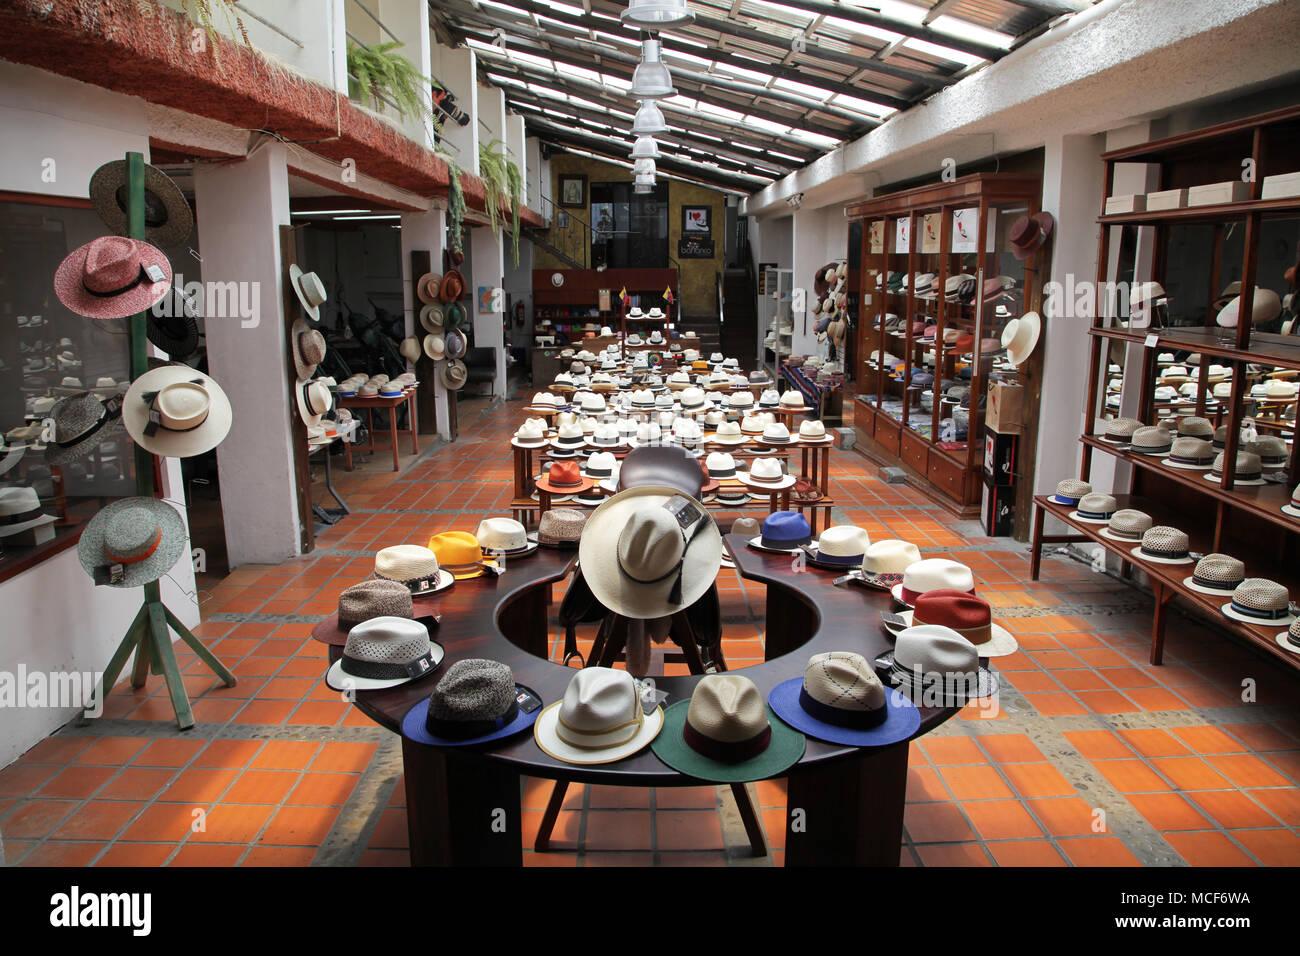 Barranco Museo del Sombrero Panama Hat.Museo en Cuenca Ecuador Imagen De  Stock 22600850968